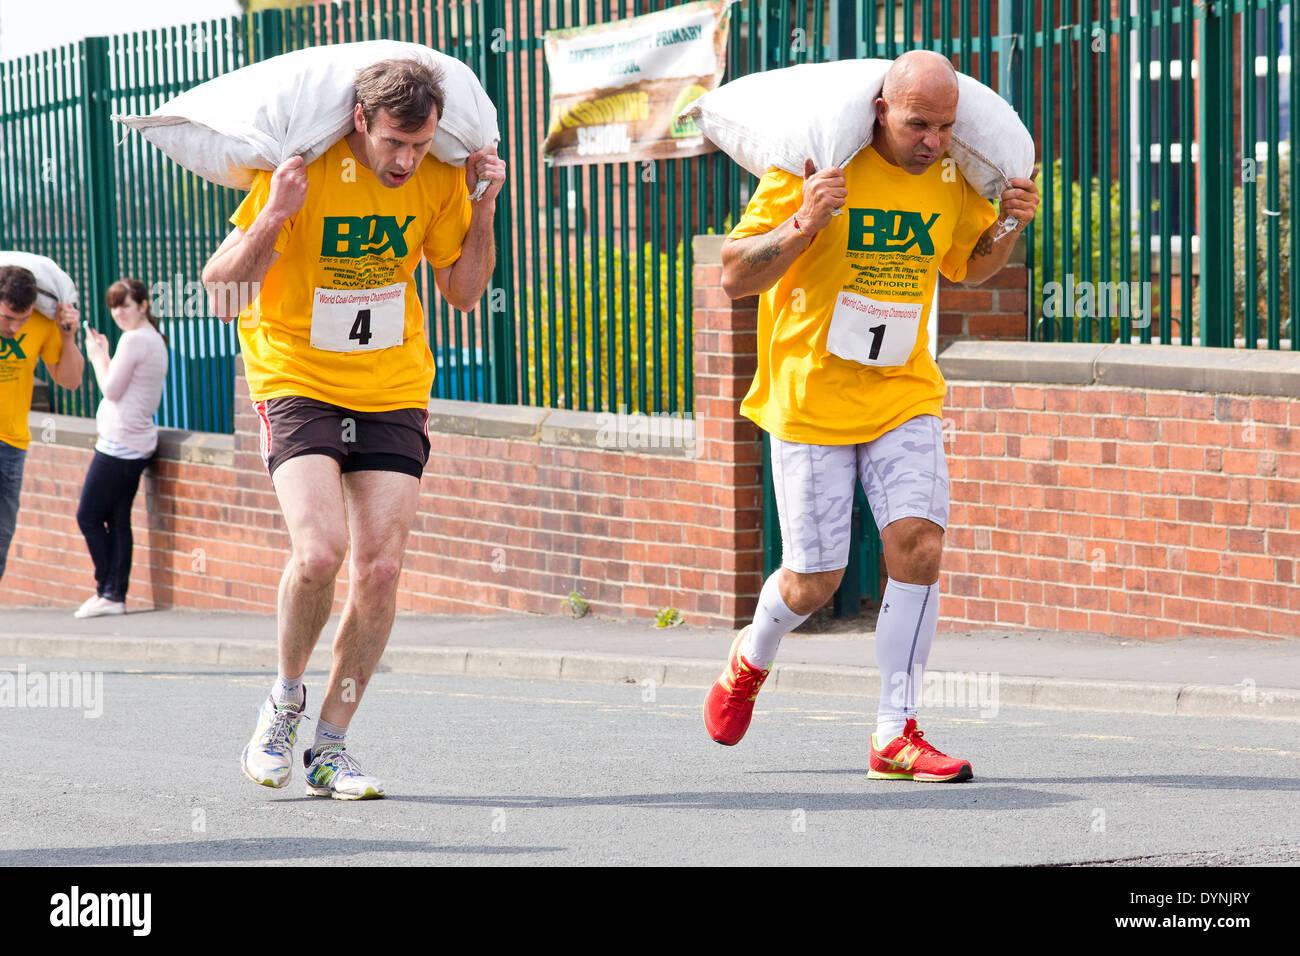 Llevar el campeonato mundial de carbón, Gawthorpe, West Yorkshire, el Lunes de Pascua de 2014. candidatos hombres corriendo la carrera Foto de stock